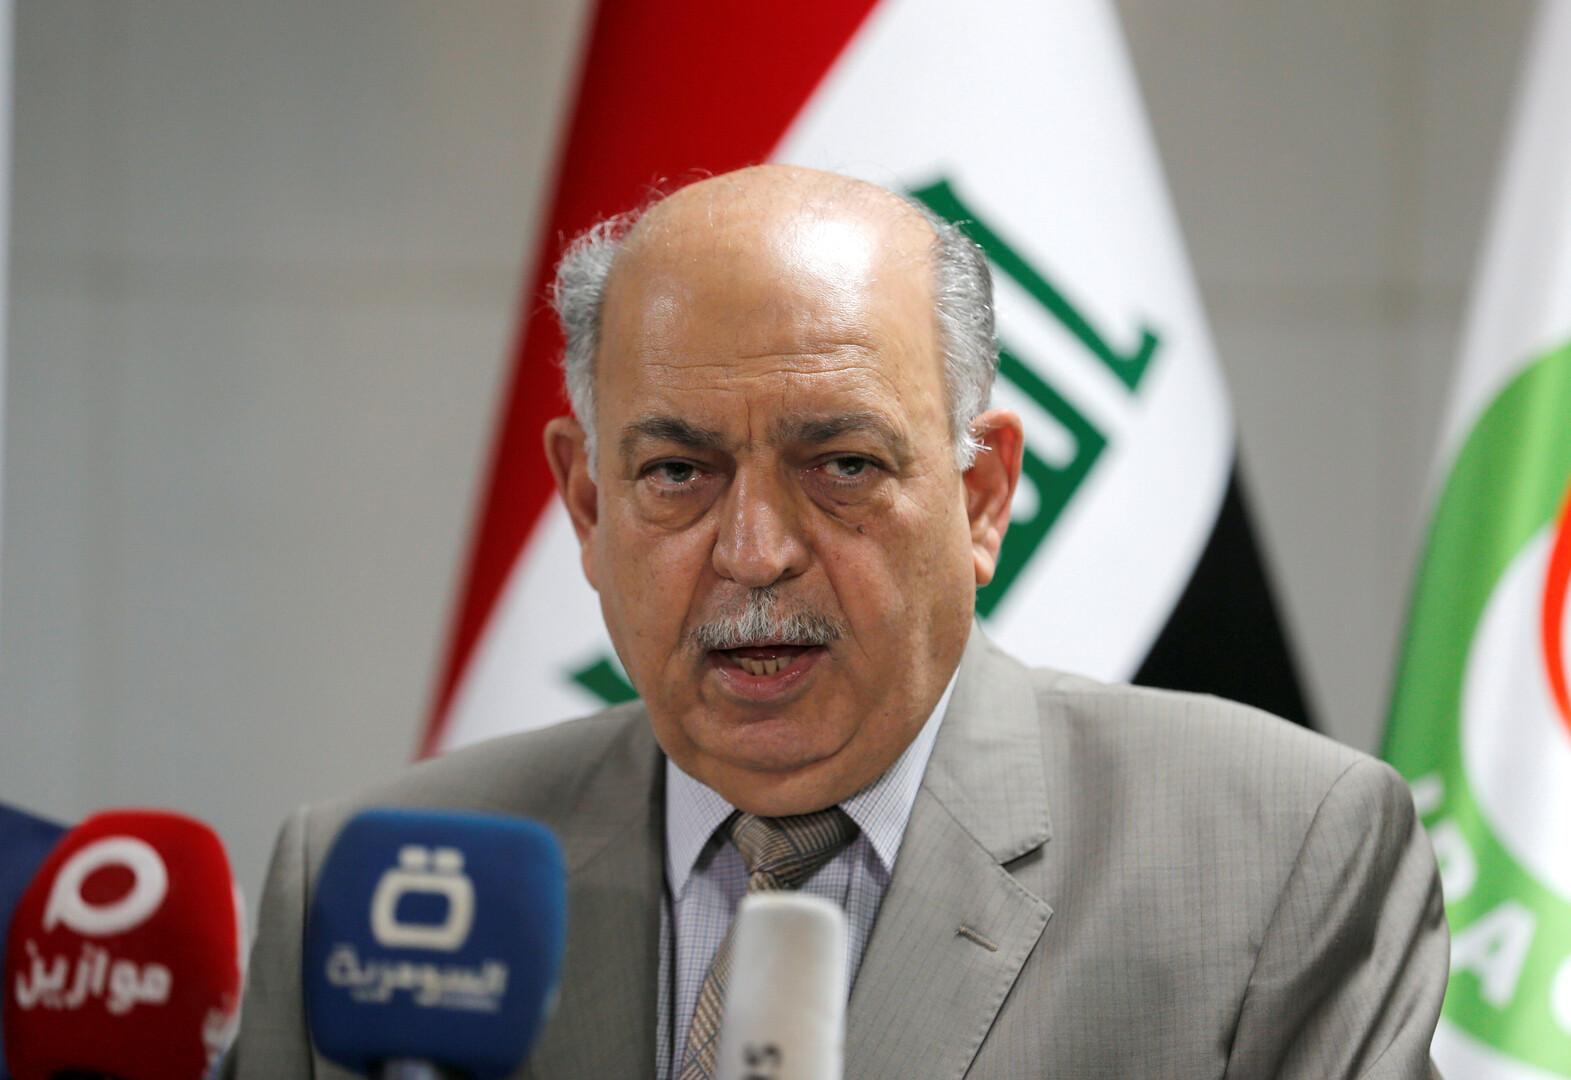 وزير النفط العراقي: رفع عقوبات أمريكية عن إيران لن ينعكس سلبا على سوق النفط